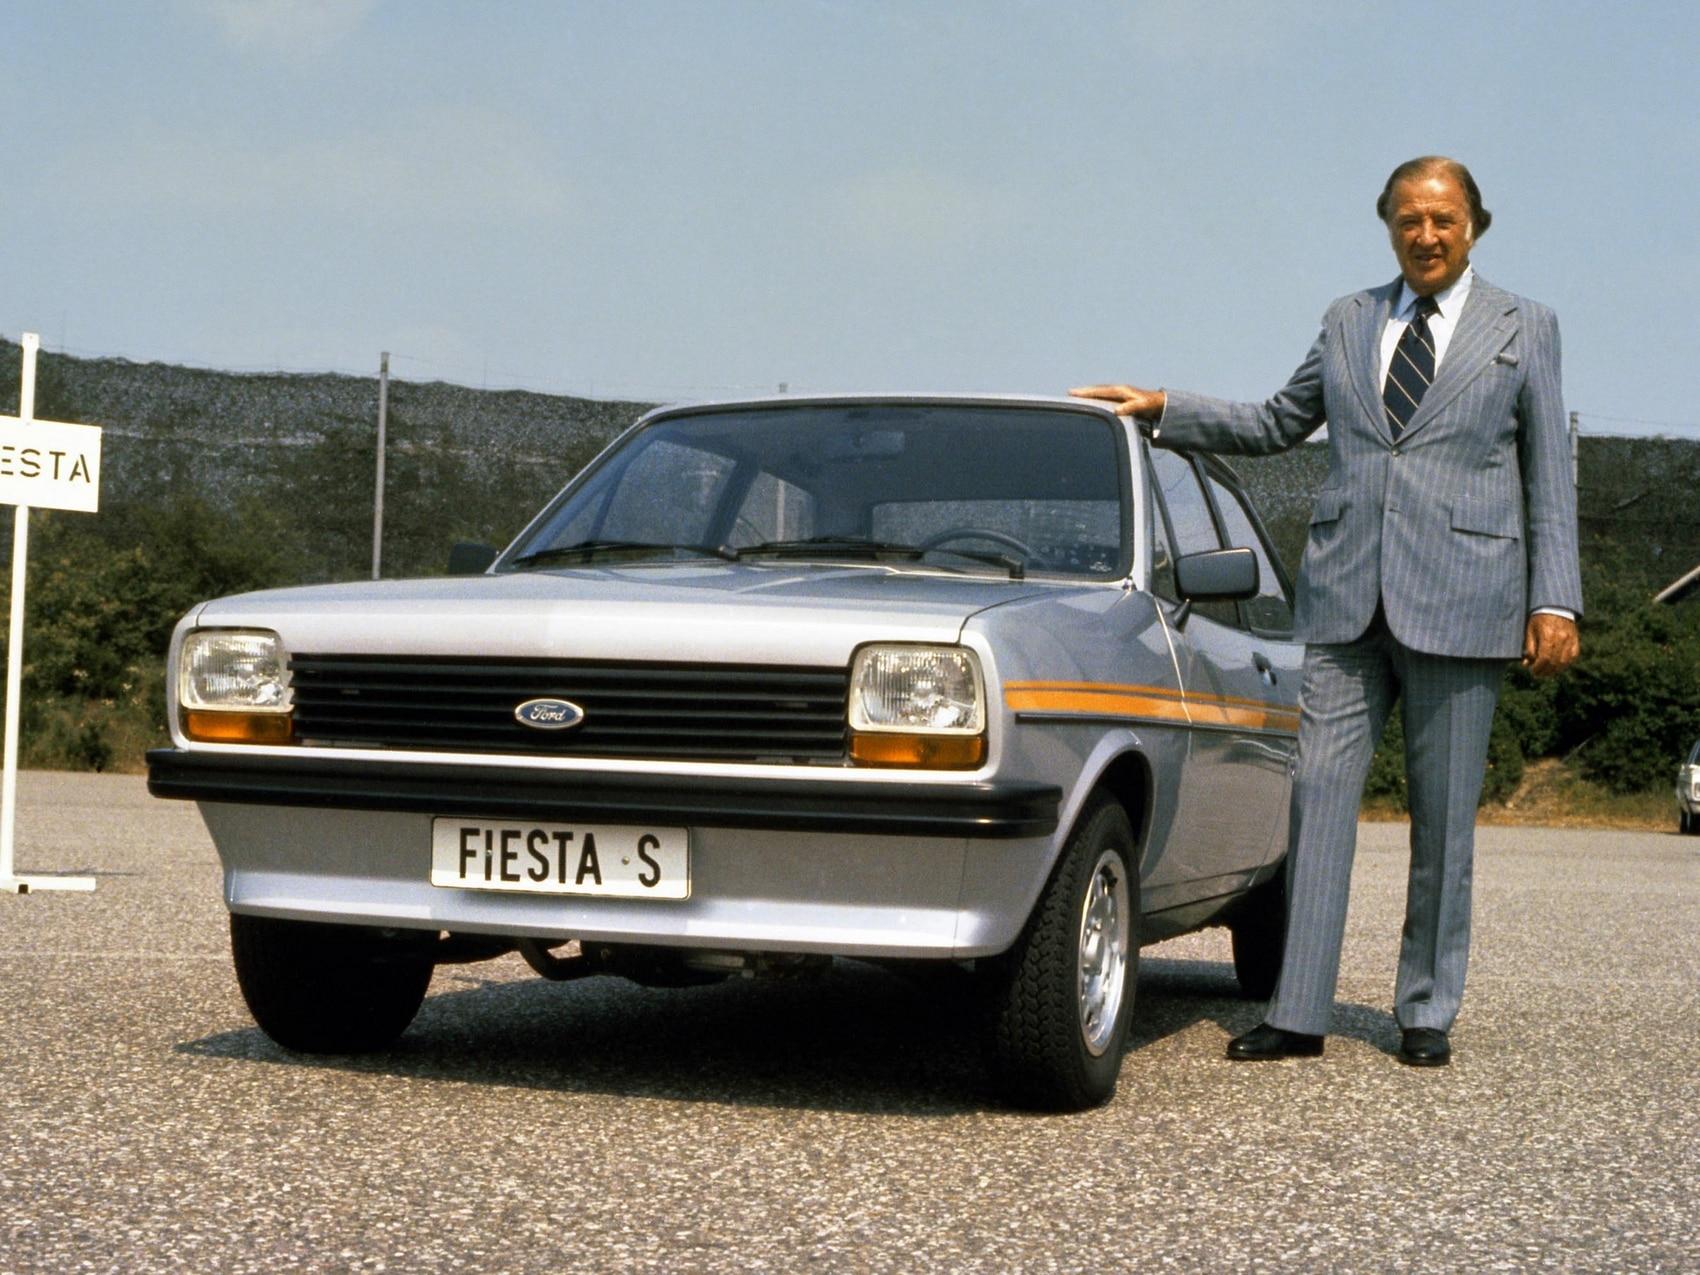 FordFiesta_1976-1983_fiesta_s_HenryFordII_1976_01